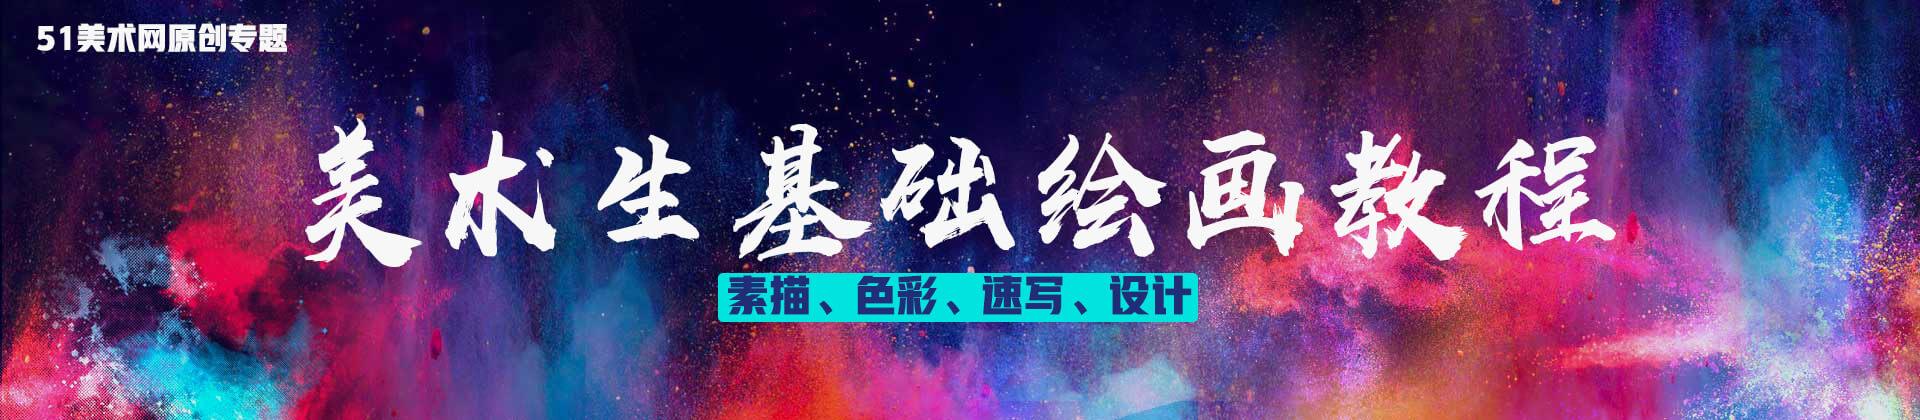 甘肃省高考查询网_美术生绘画入门教程 - 51美术高考网